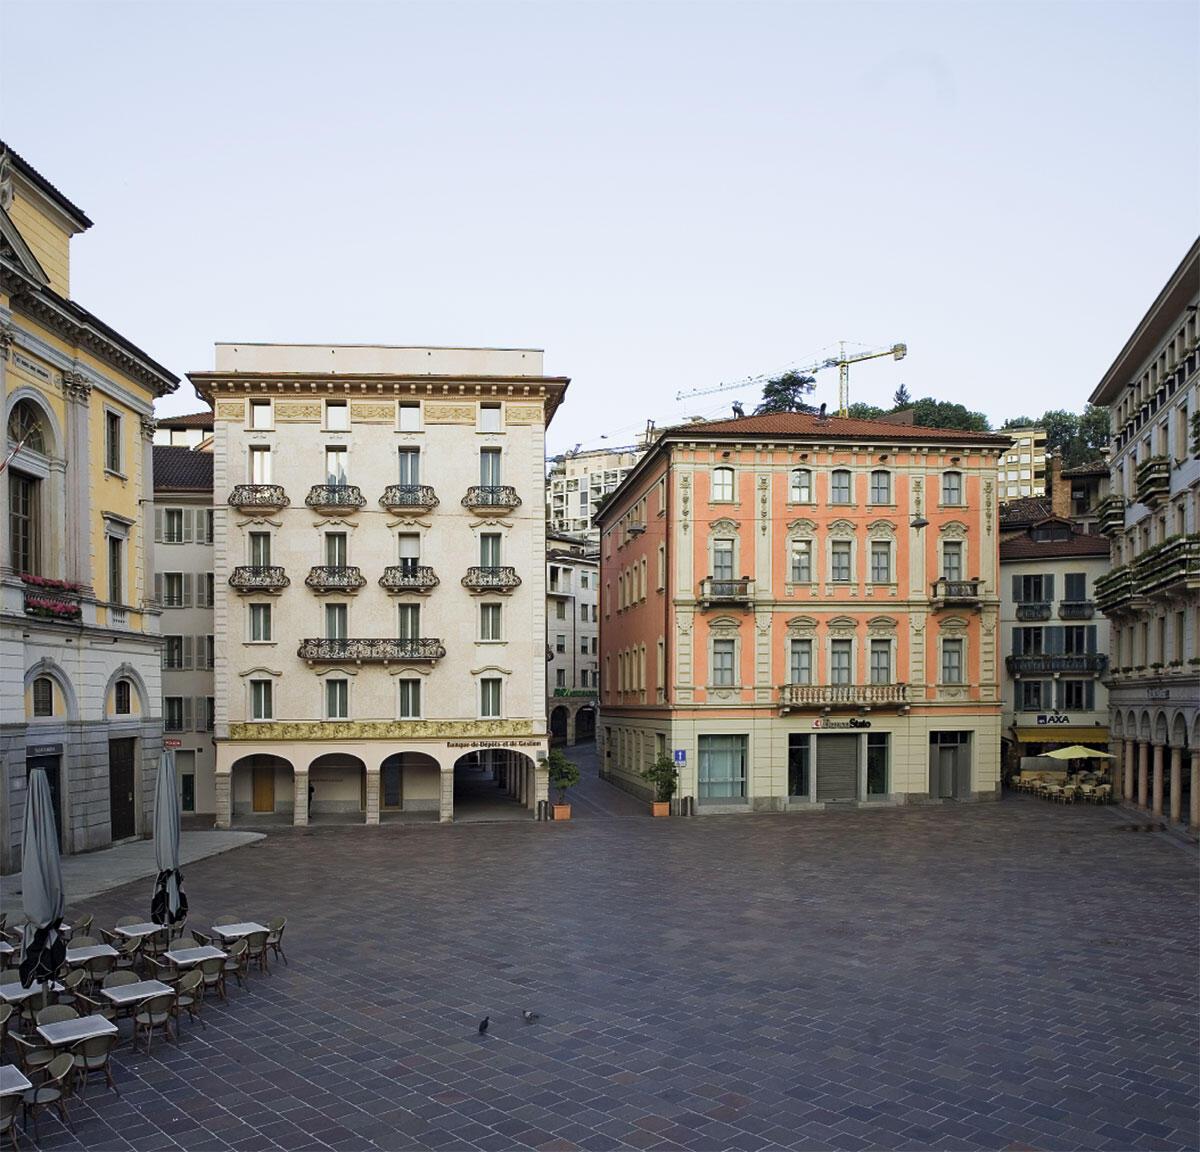 Die denkmalgeschützte, 200-jährige Fassade unter ihresgleichen an der Piazza Riforma in Lugano (links, in Frontansicht und mit hellem Putz). Die aktuelle Erscheinung erhielt sie Anfang des 20. Jahrhunderts durch den Tessiner Architekten Giuseppe Pagani.